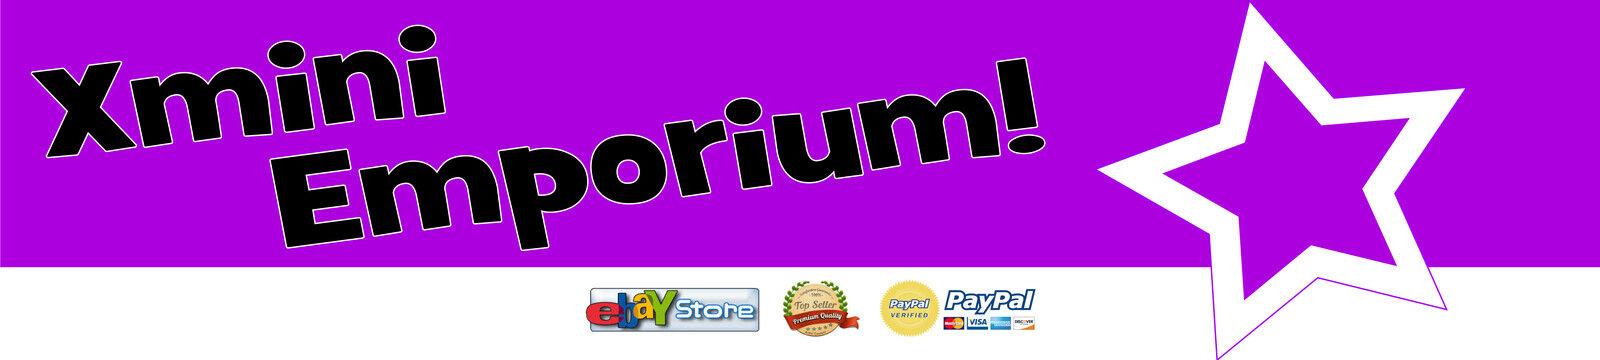 XMini Emporium